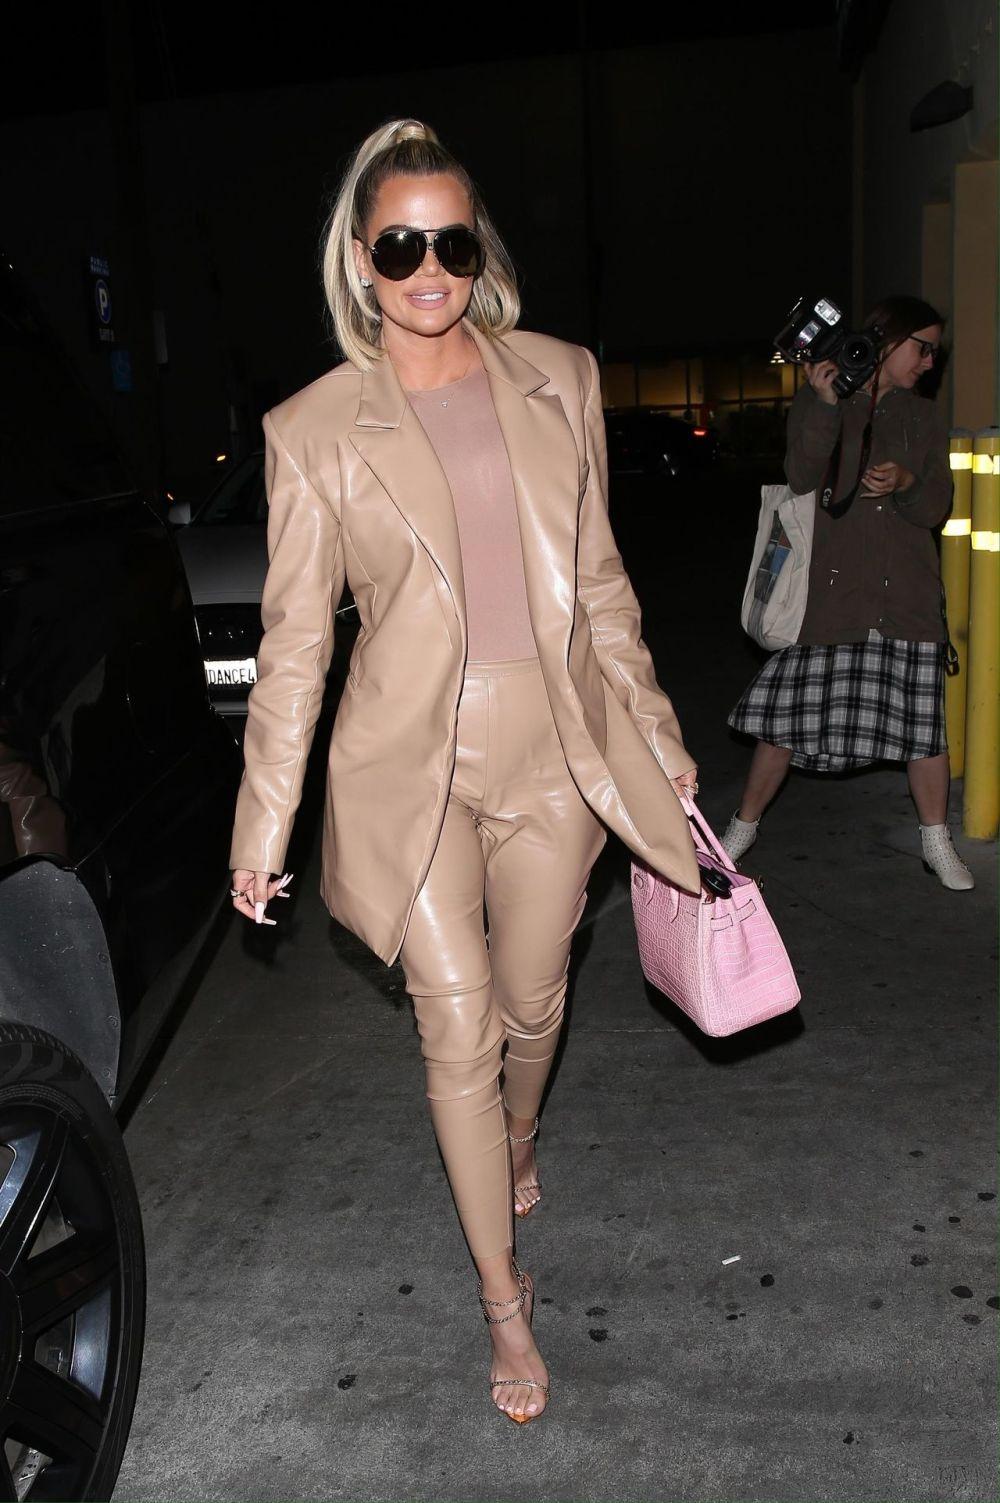 Khloe Kardashian in a glamor version - the celebrity chose a favorite pink Birkin bag with a beige, shimmering suit